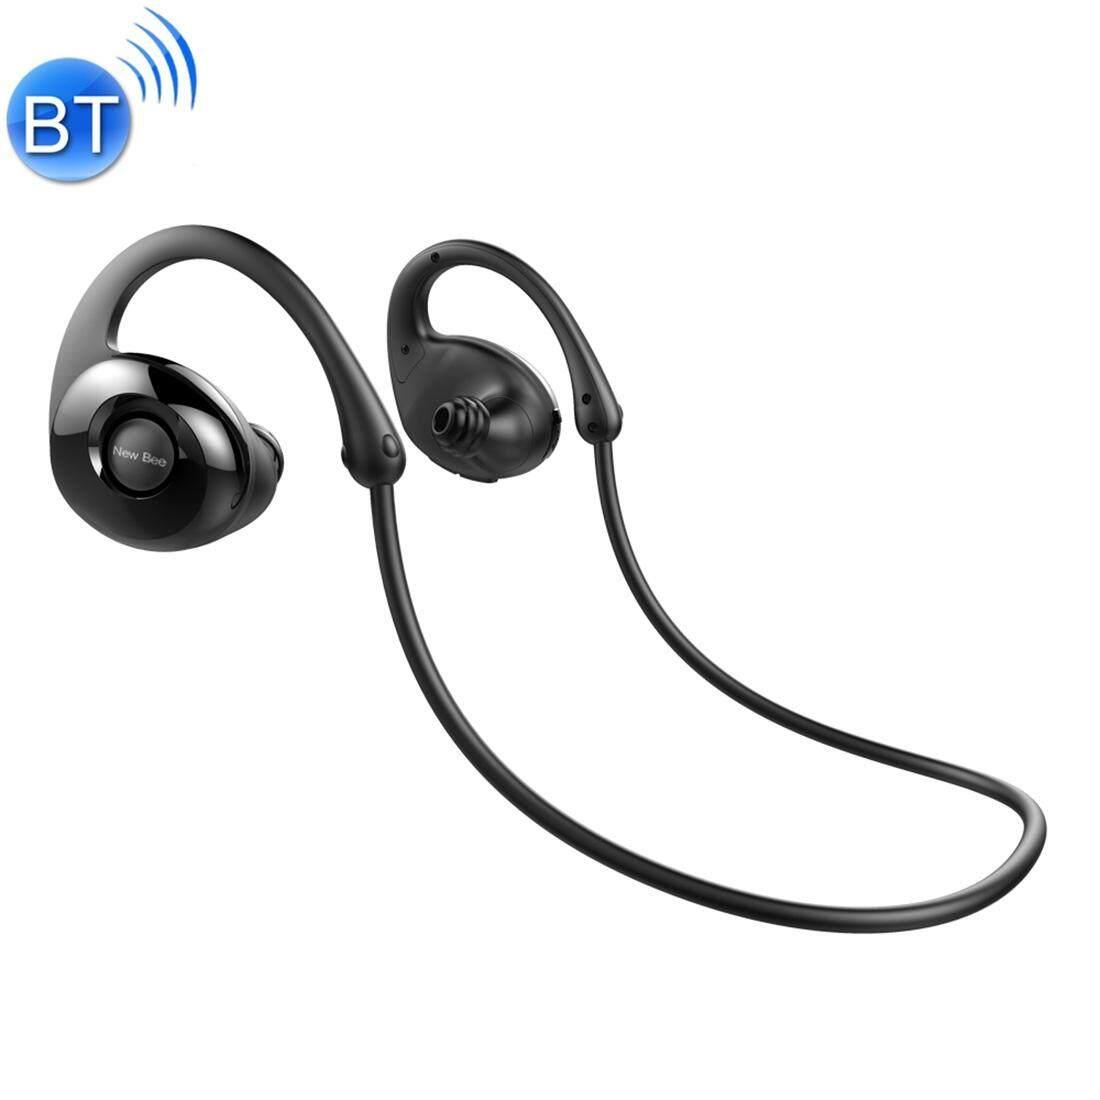 X7 Olahraga Headphone Stereo Nirkabel Bluetooth Bebas Genggam Source · Baru Bee NB 7 Tahan Keringat Nirkabel Bluetooth 4 1 Siput Bionic Stereo Dalam Telinga